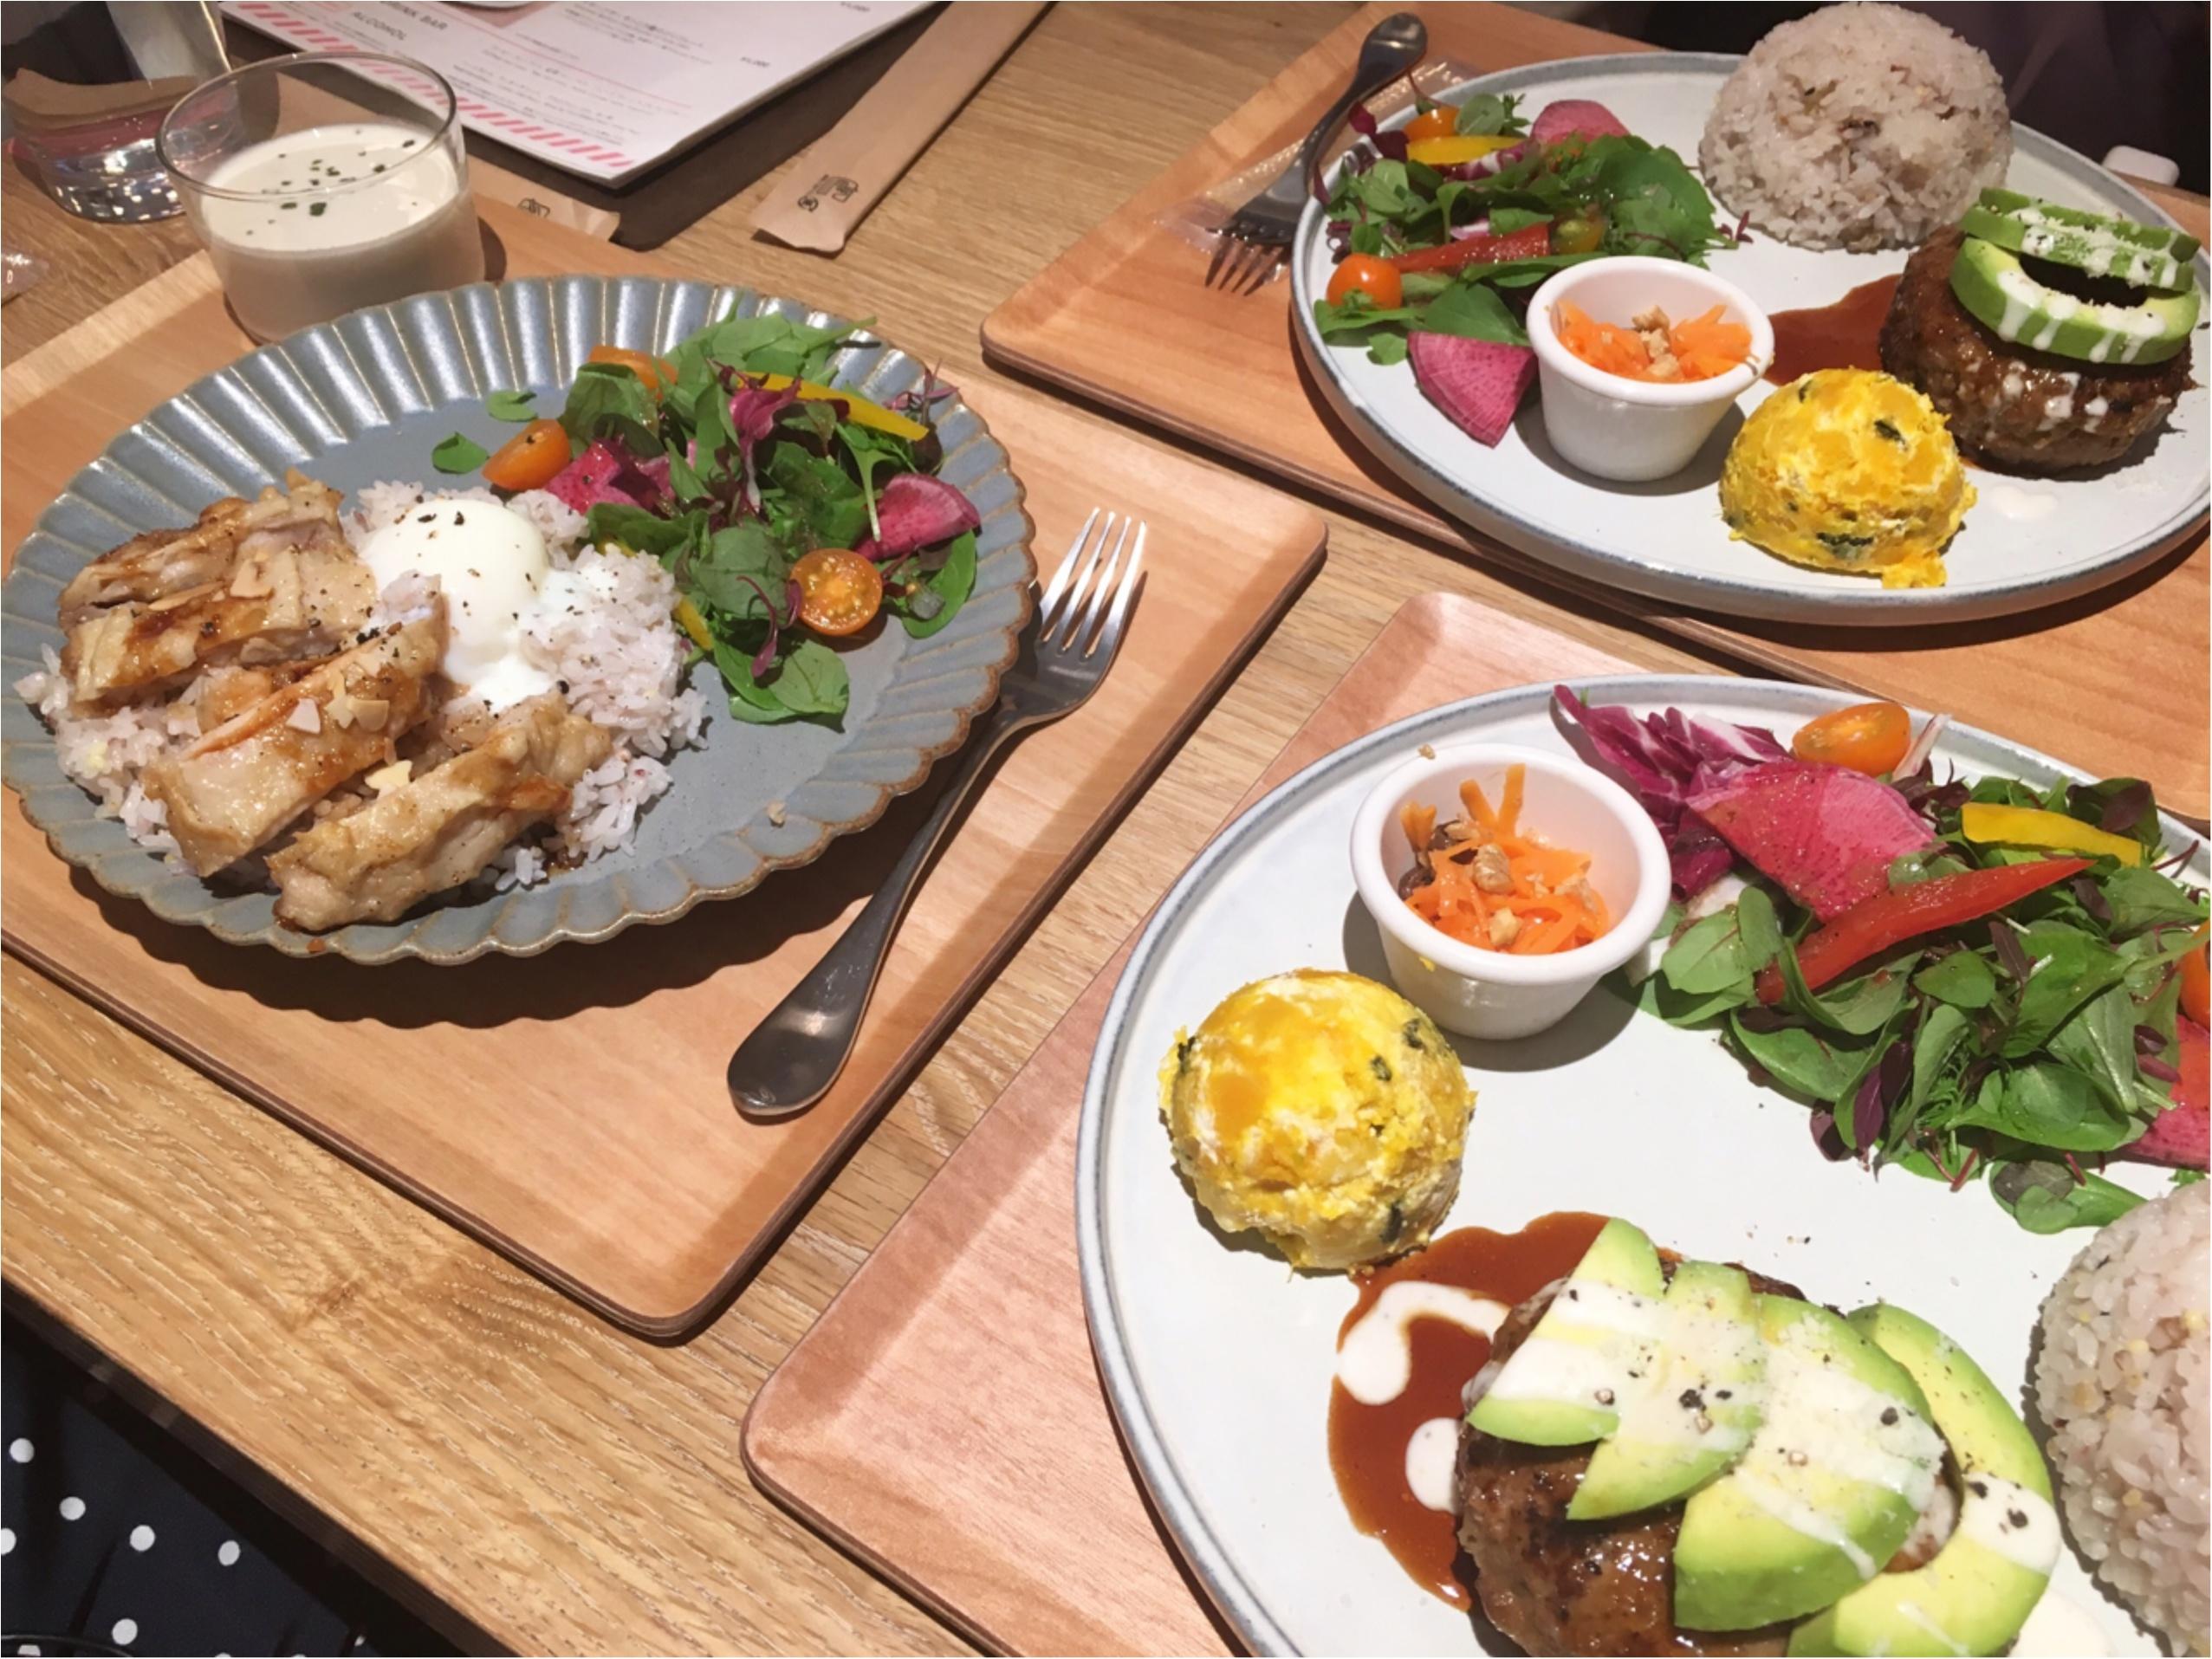 《京都・三条》女子3人旅にぴったり!カフェみたいなホステル『CAFETEL(カフェテル)』がオープン❤︎_5